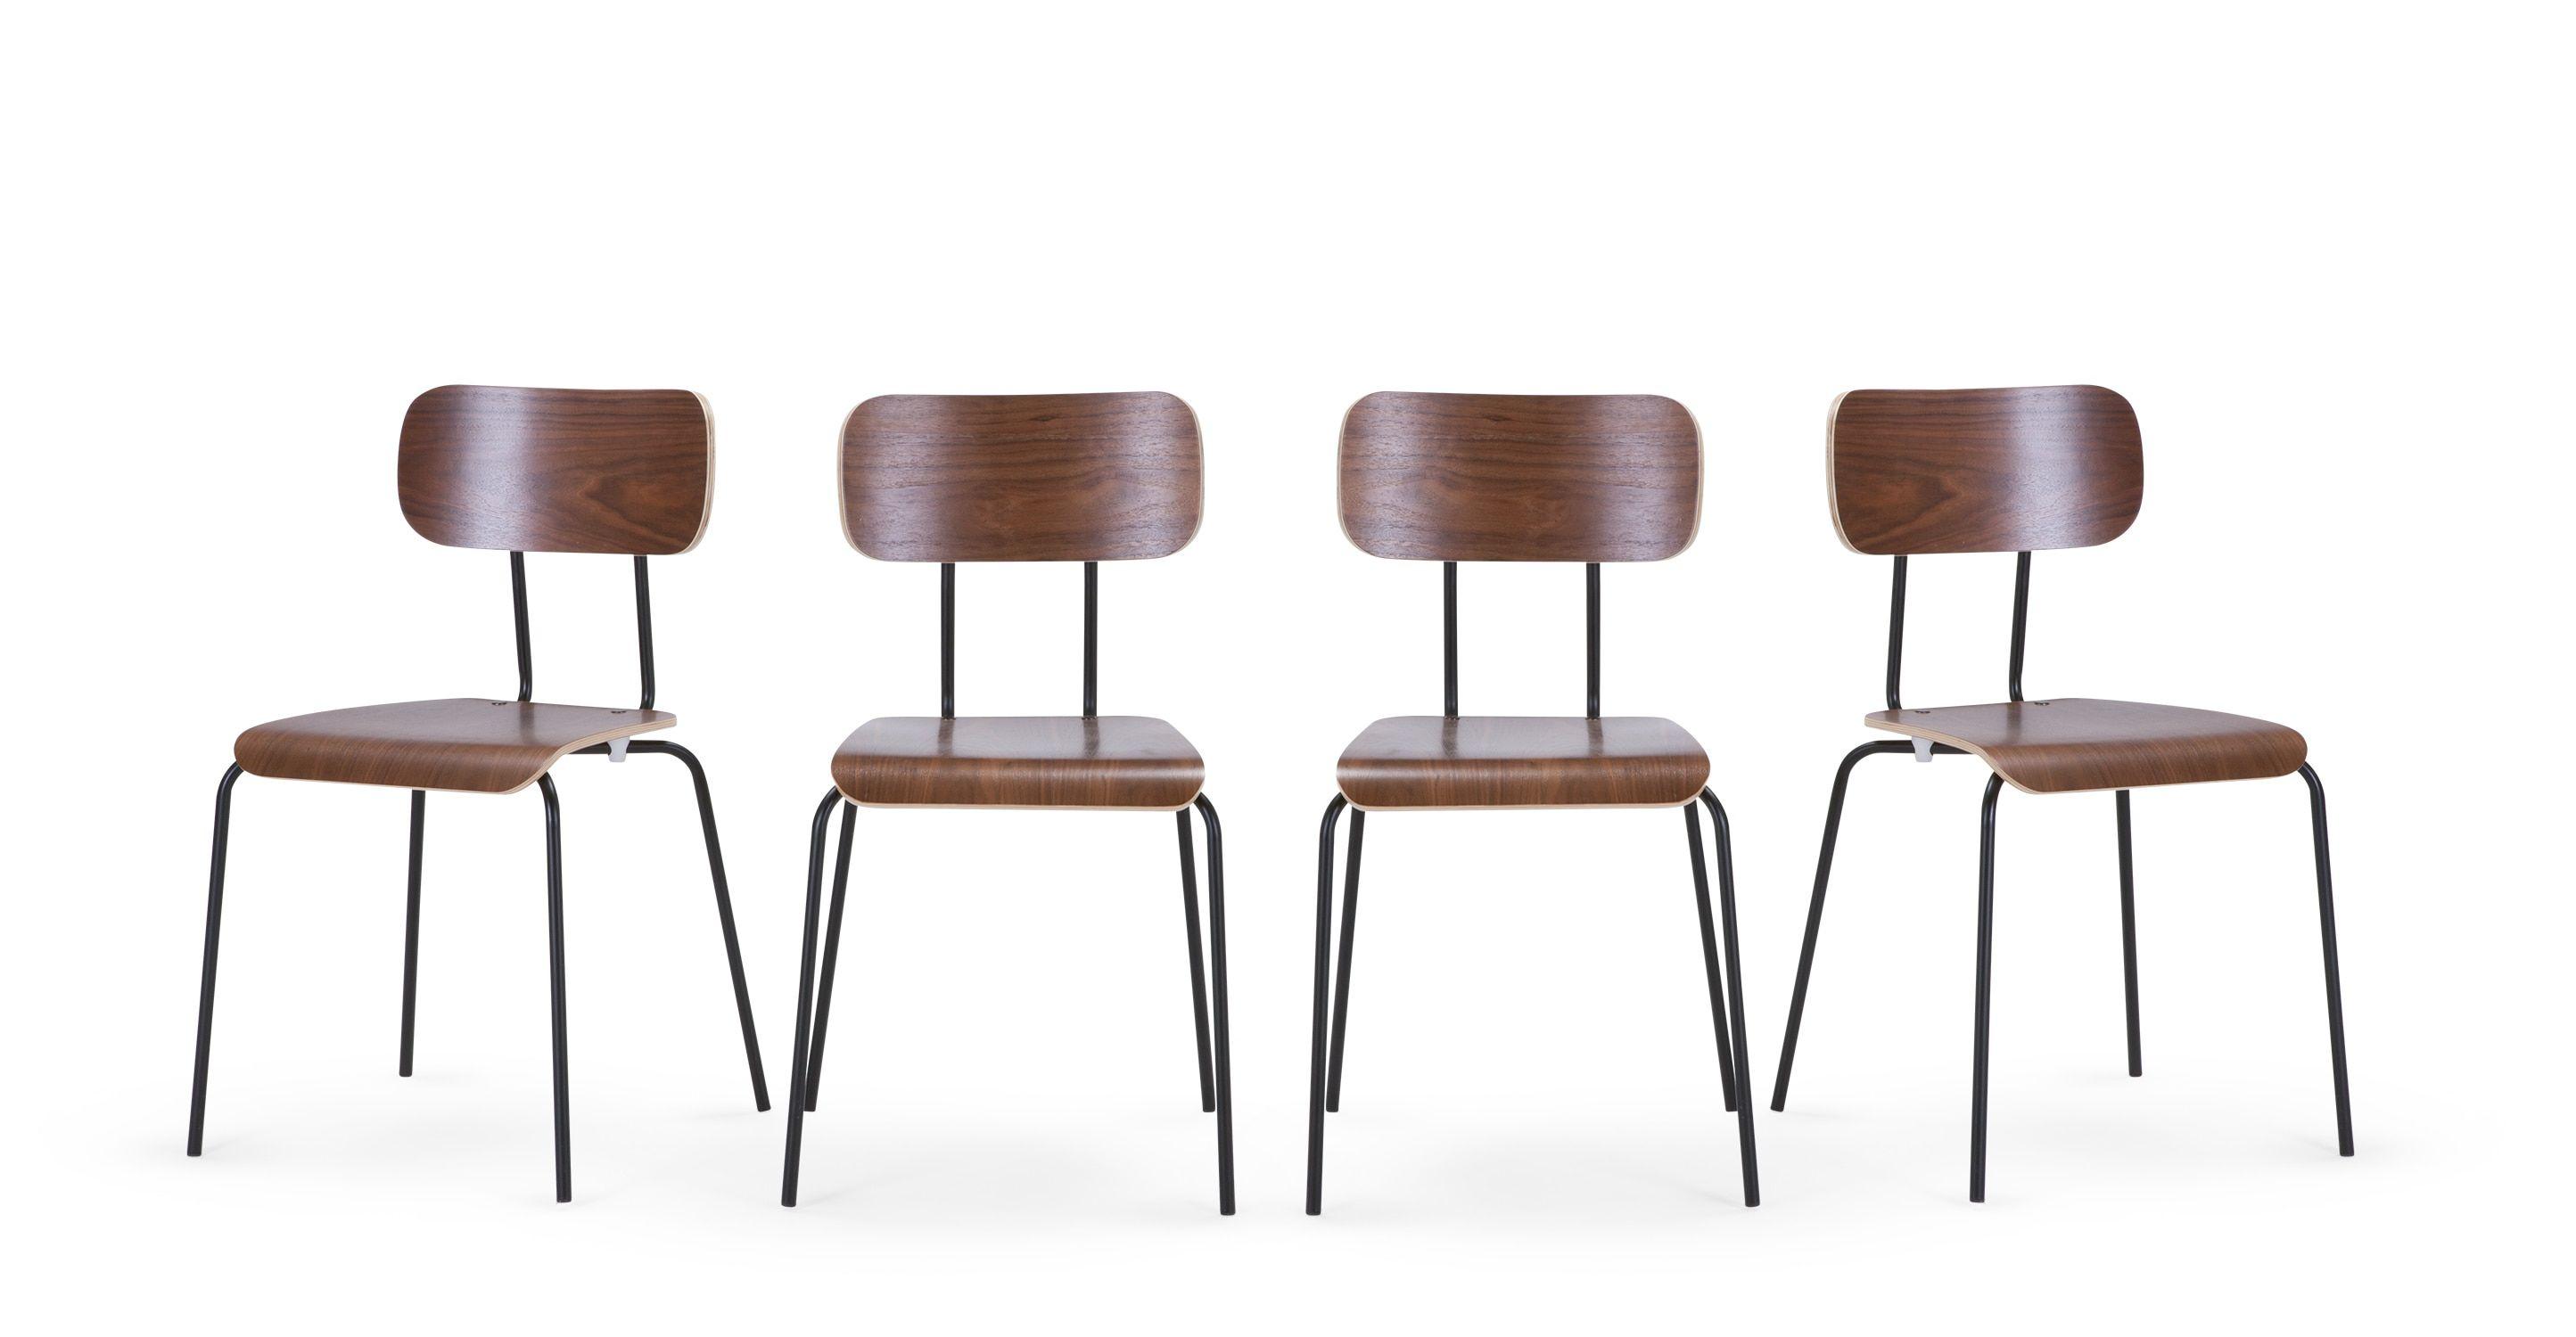 4 x Haywood Esszimmerstühle Walnuss und Schwarz ■Neues Design für dein Zuhause Entdecke jetzt Stühle in vielen Styles bei MADE mit Lieferung direkt